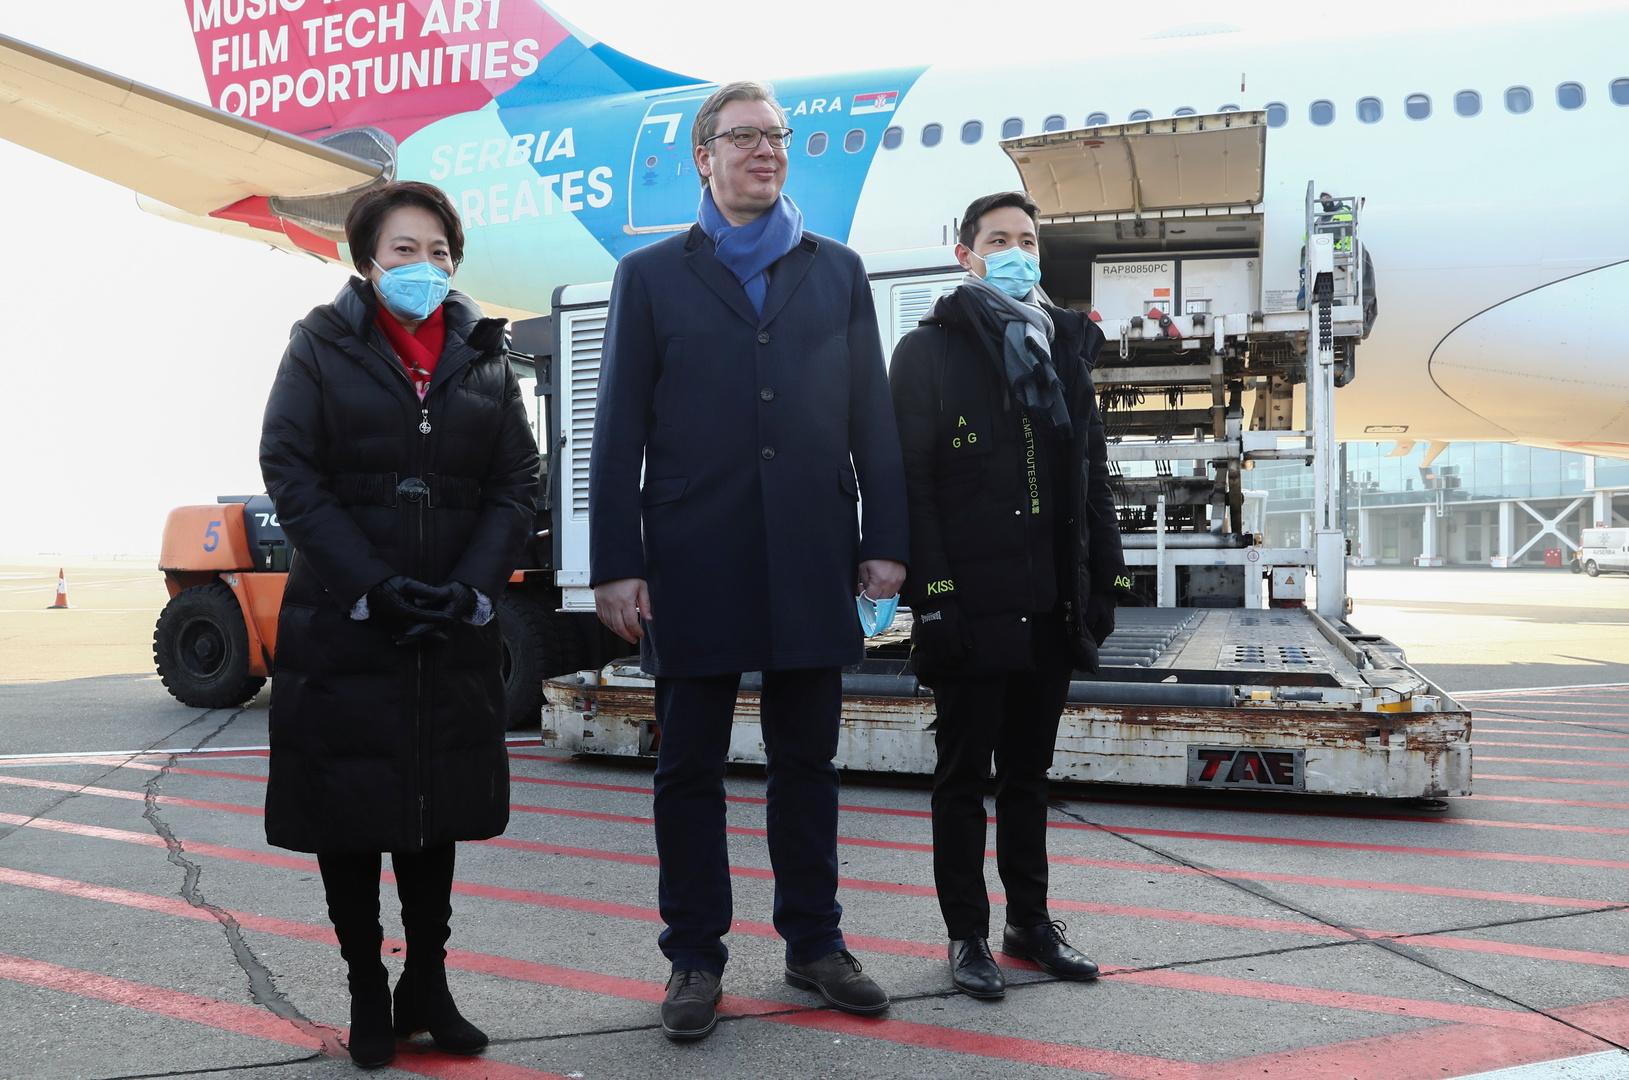 الرئيس الصربي، ألكسندر فوتشيتش، يحضر مراسم استقبال لقاح